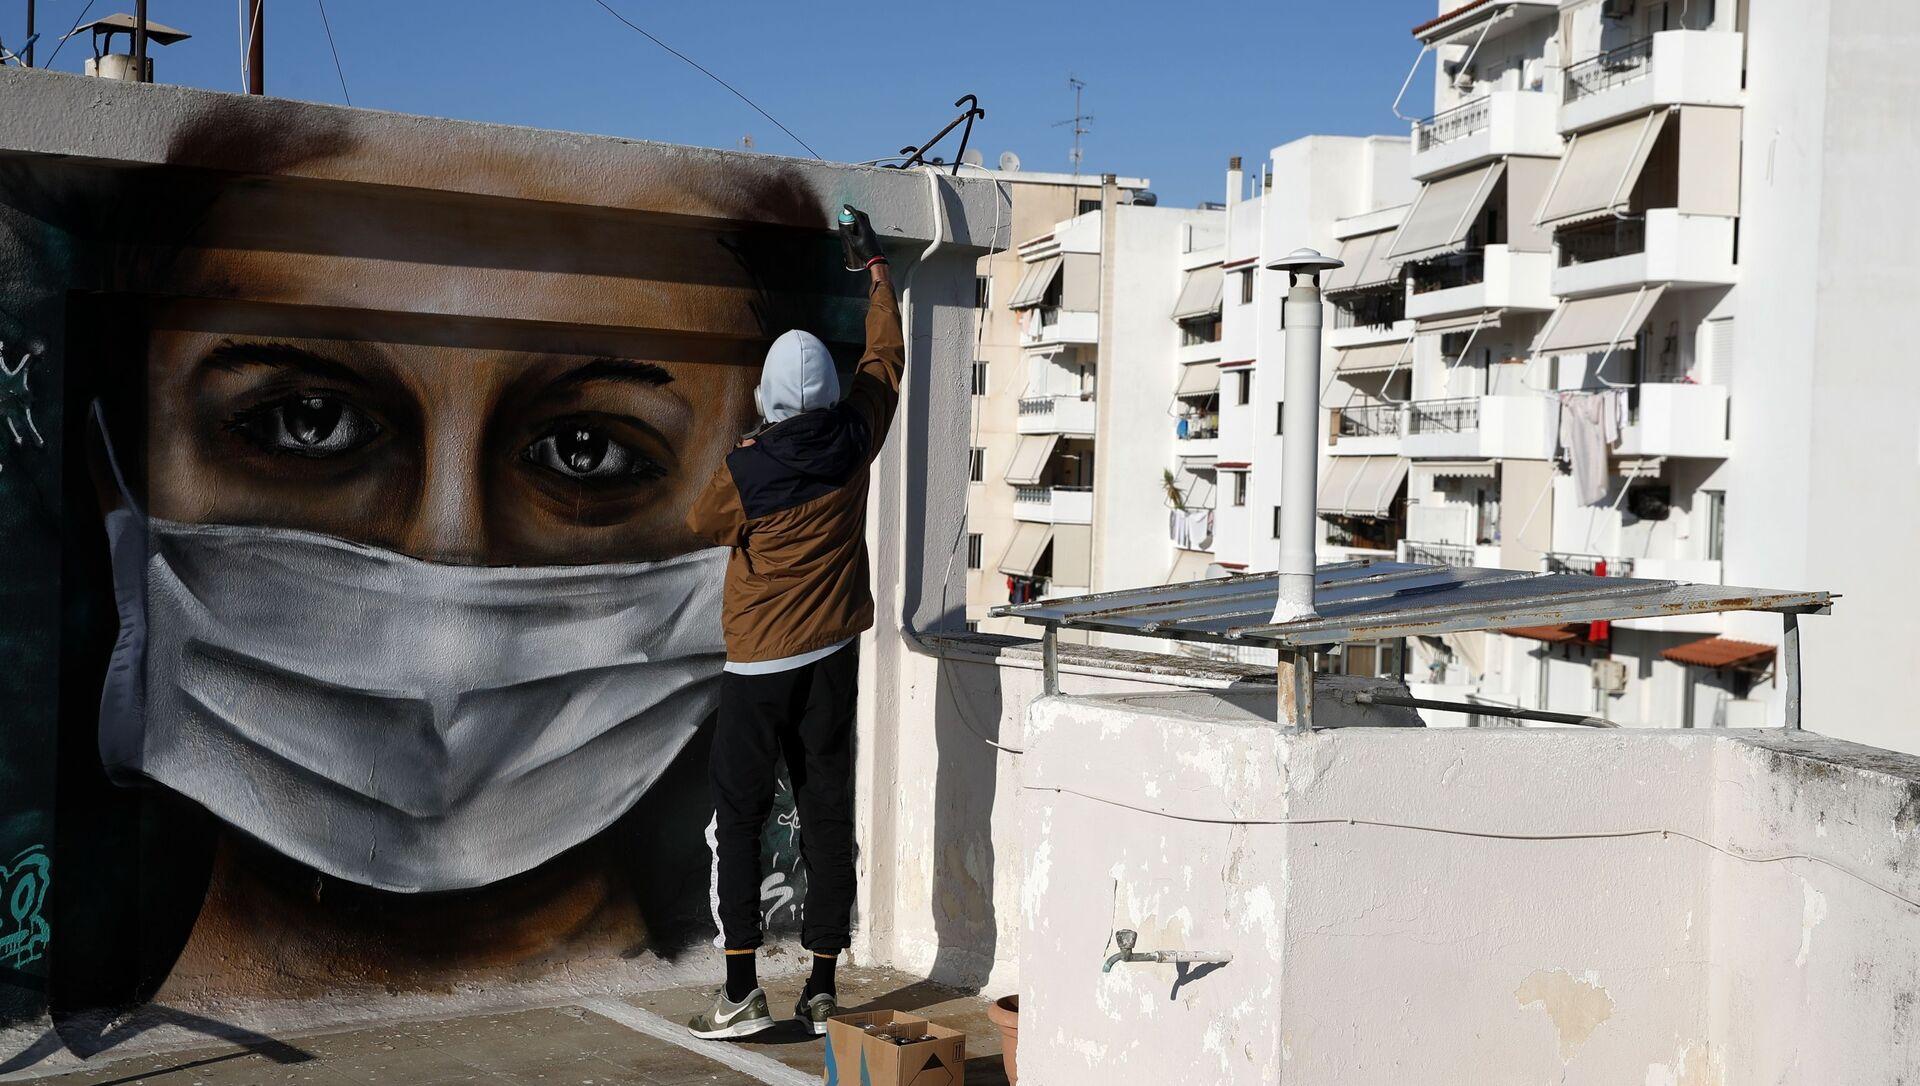 Řecký umělec S.F. maluje graffiti na téma koronaviru v Aténách - Sputnik Česká republika, 1920, 09.02.2021